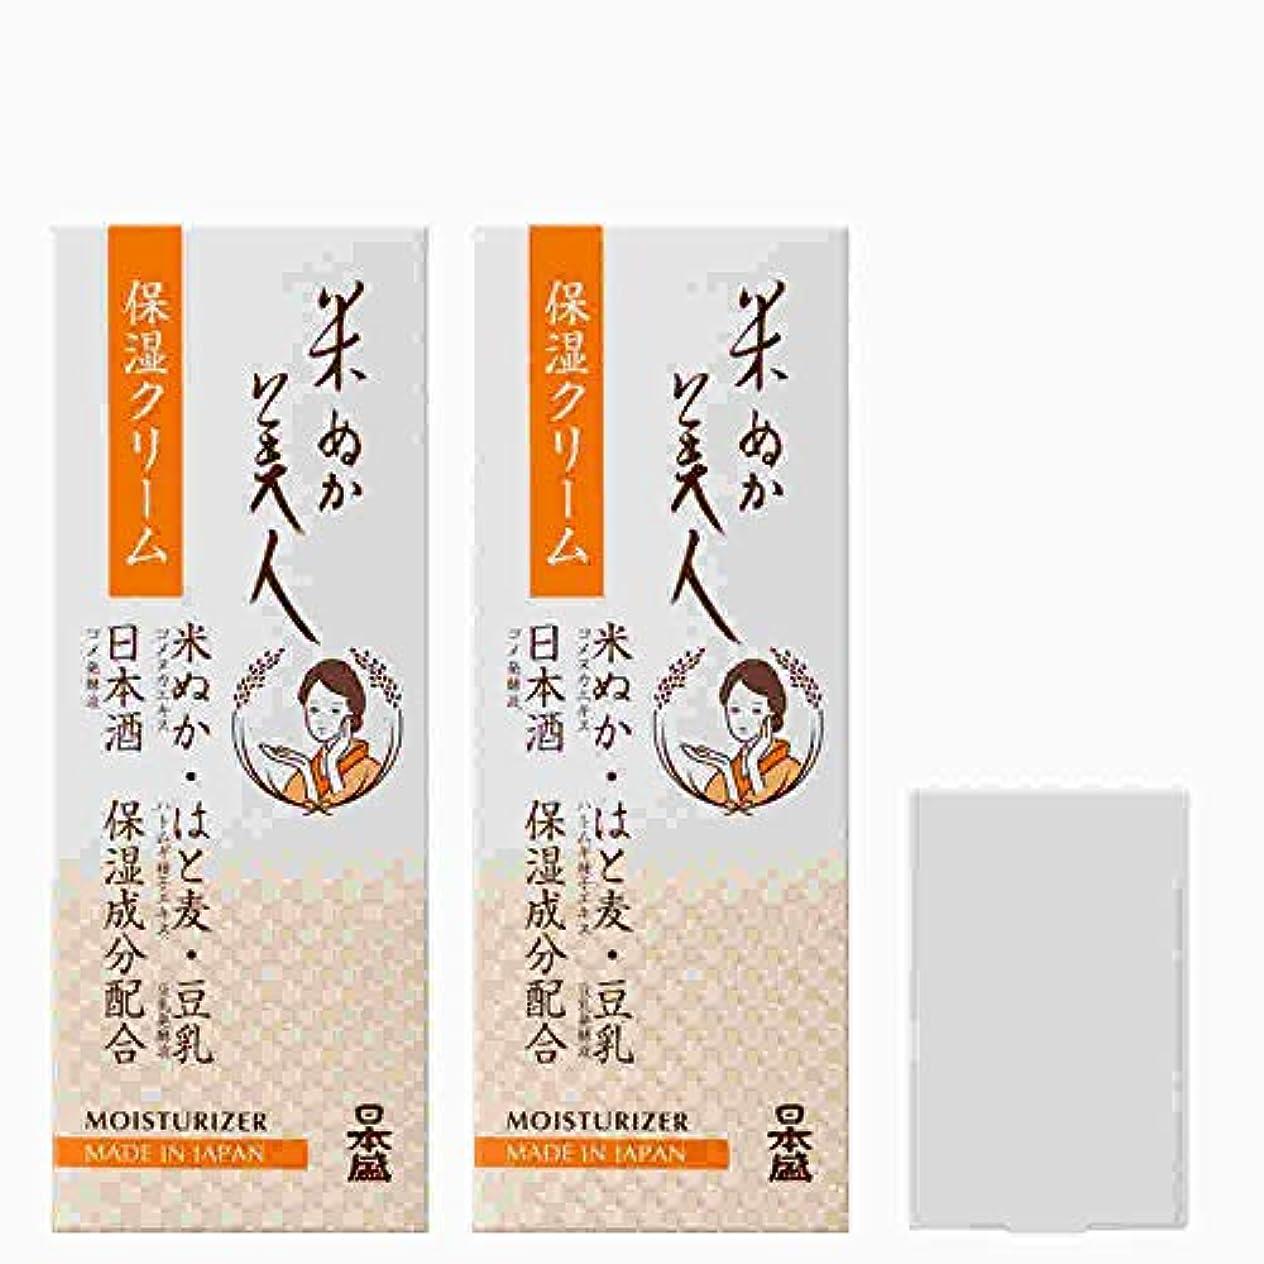 ますます引っ張るチャンス【2個セット+ミニミラー付】日本盛 米ぬか美人 保湿クリーム 35g 無香料 無着色 弱酸性【2個セット+ミニミラー付】